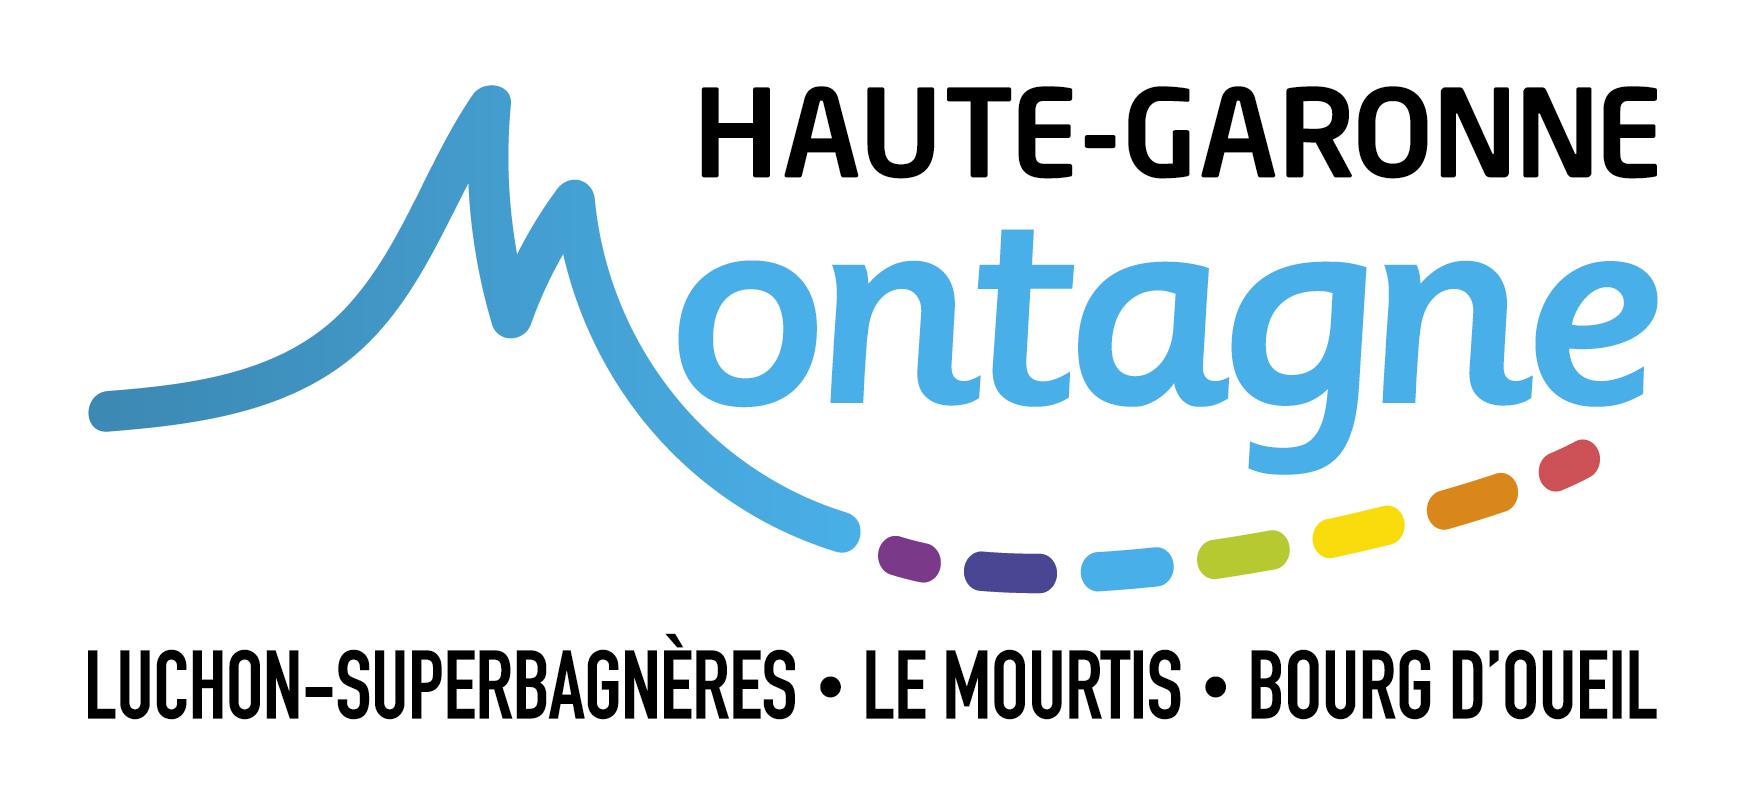 Station de ski Luchon-Superbagneres